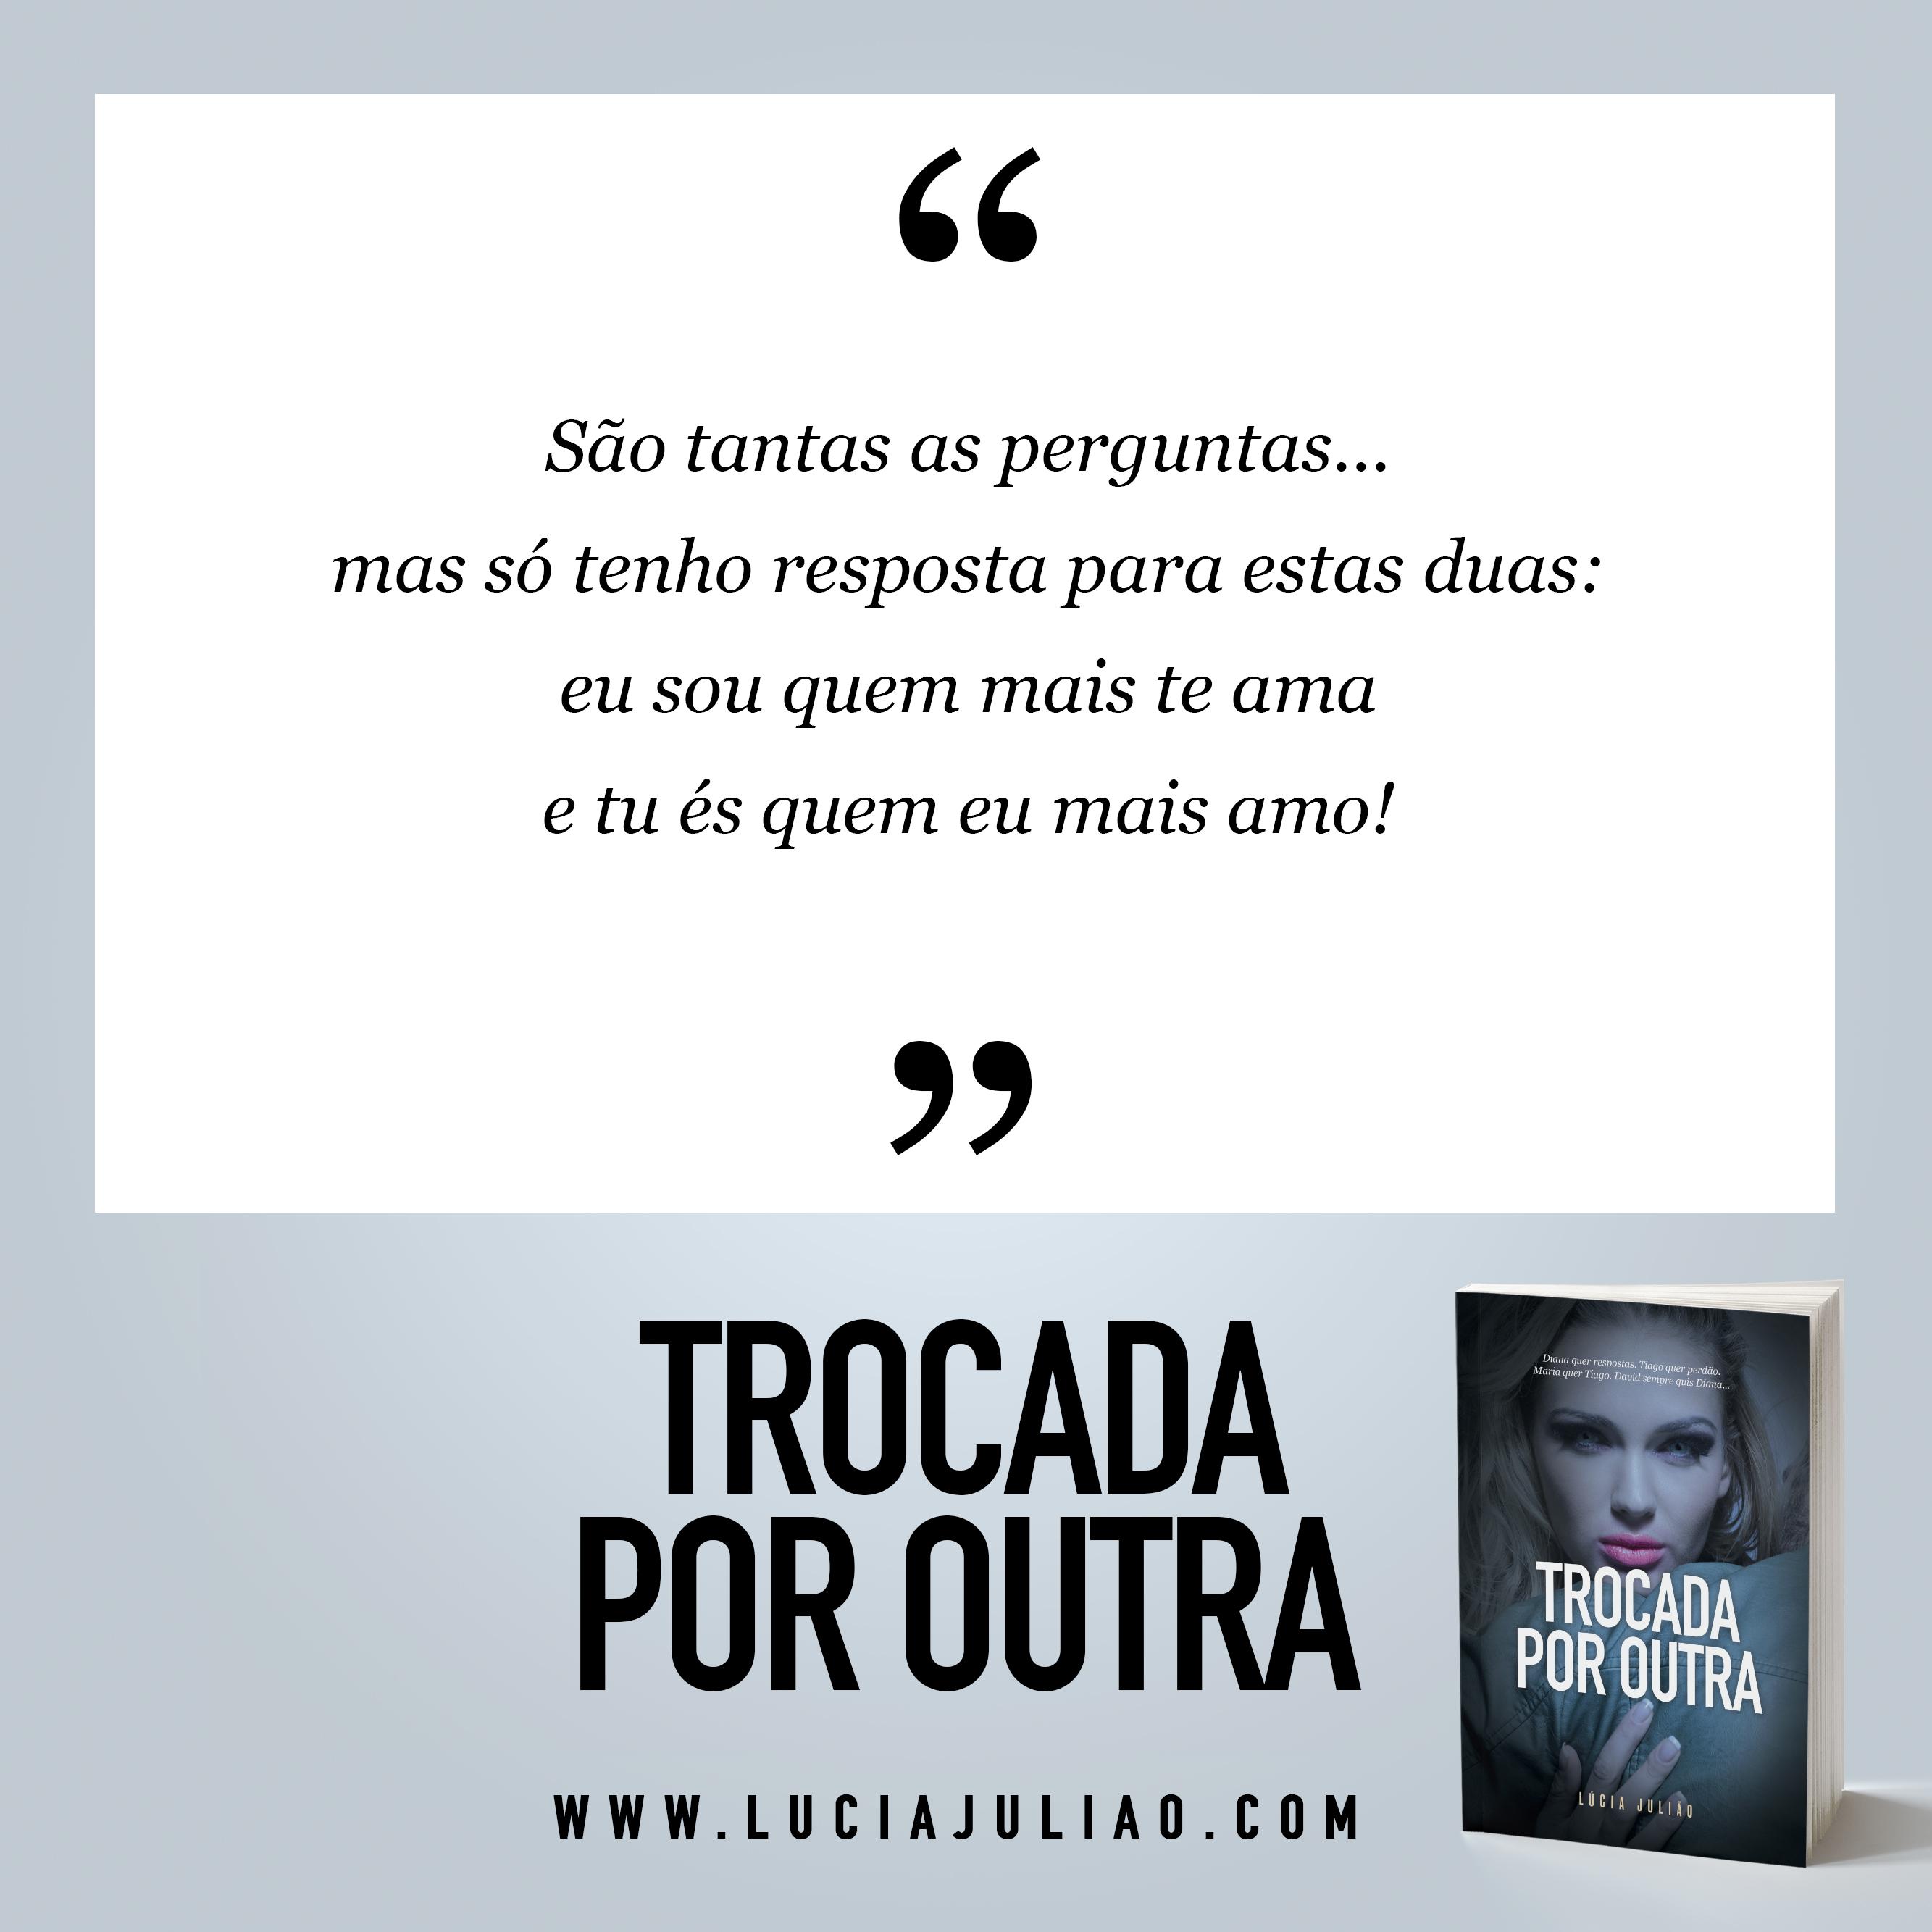 017Q - capítulo 5 - Trocada por outra - Lúcia Julião